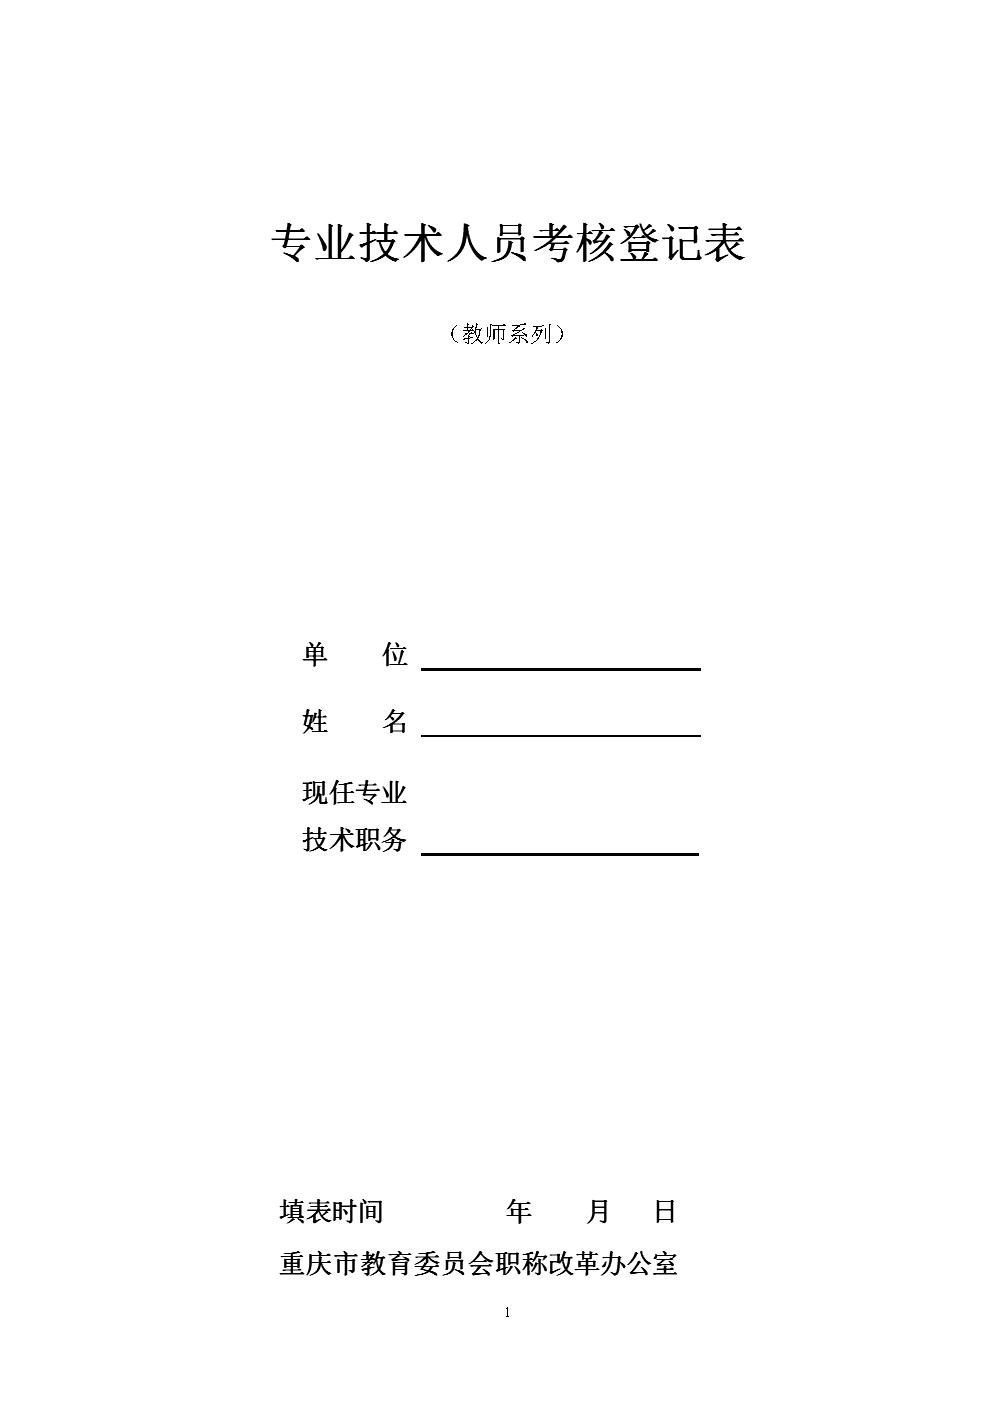 专业技术人员考核登记表(教师系列).doc